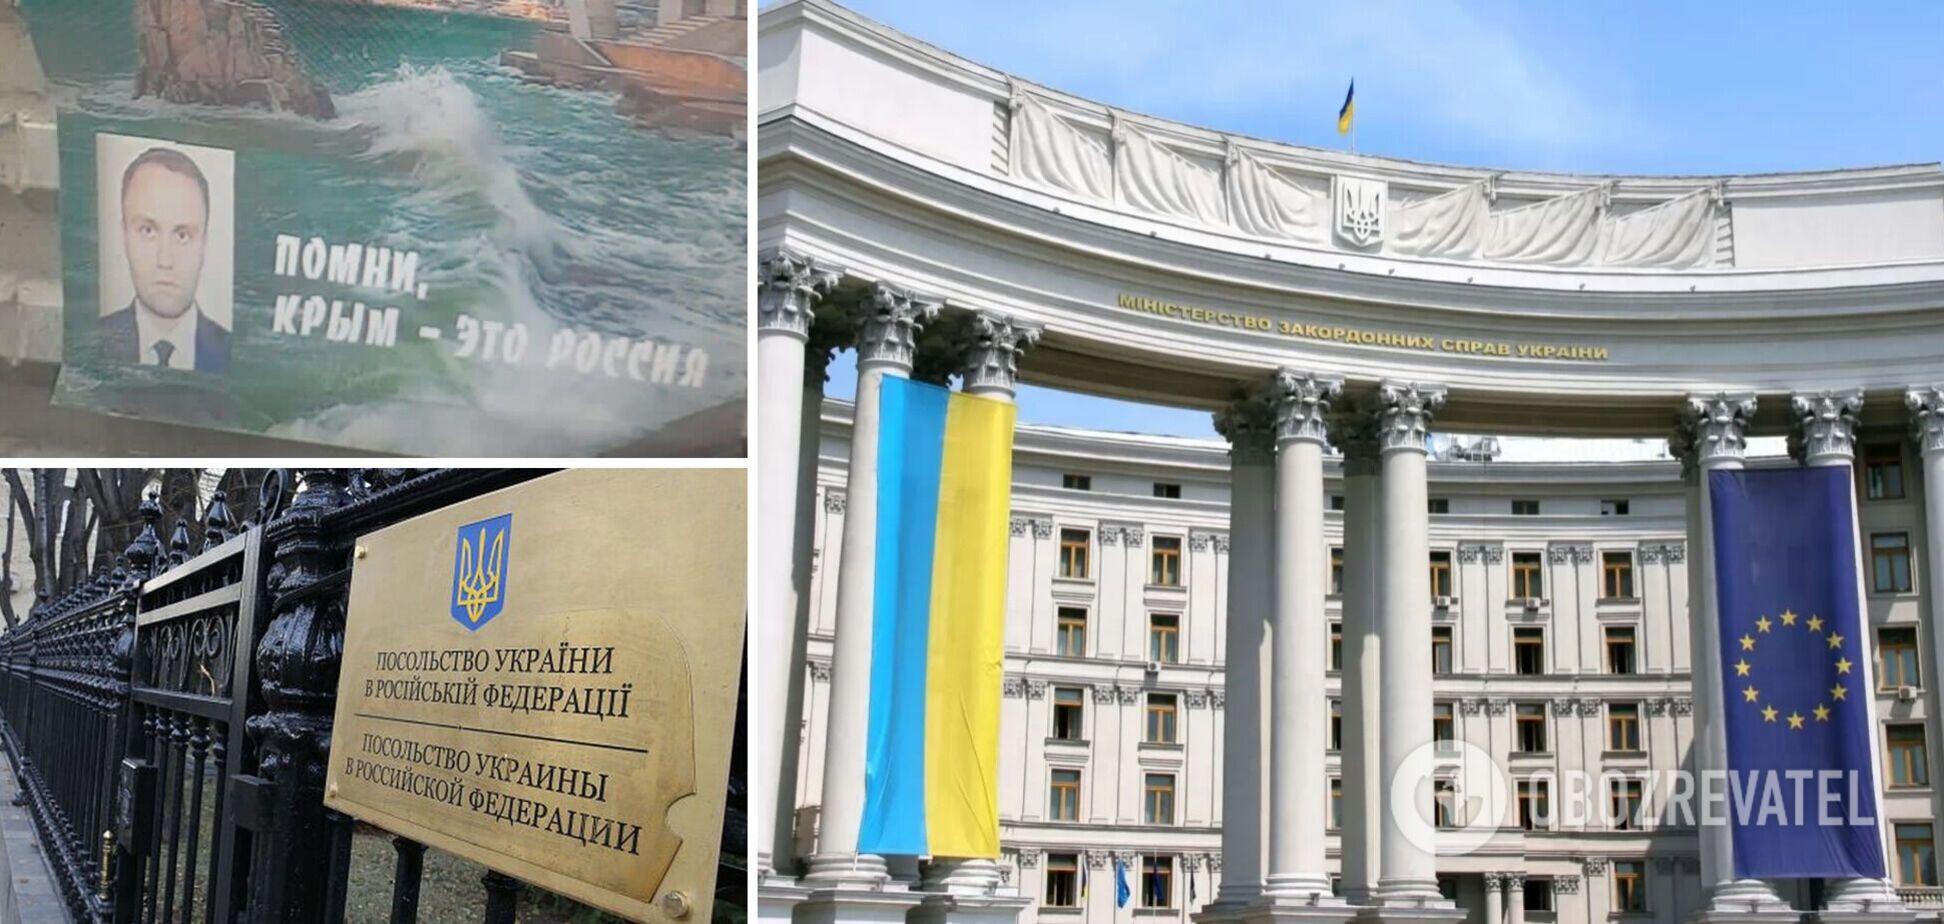 В Москве устроили провокацию с Крымом возле посольства Украины: МИД потребовало расследования